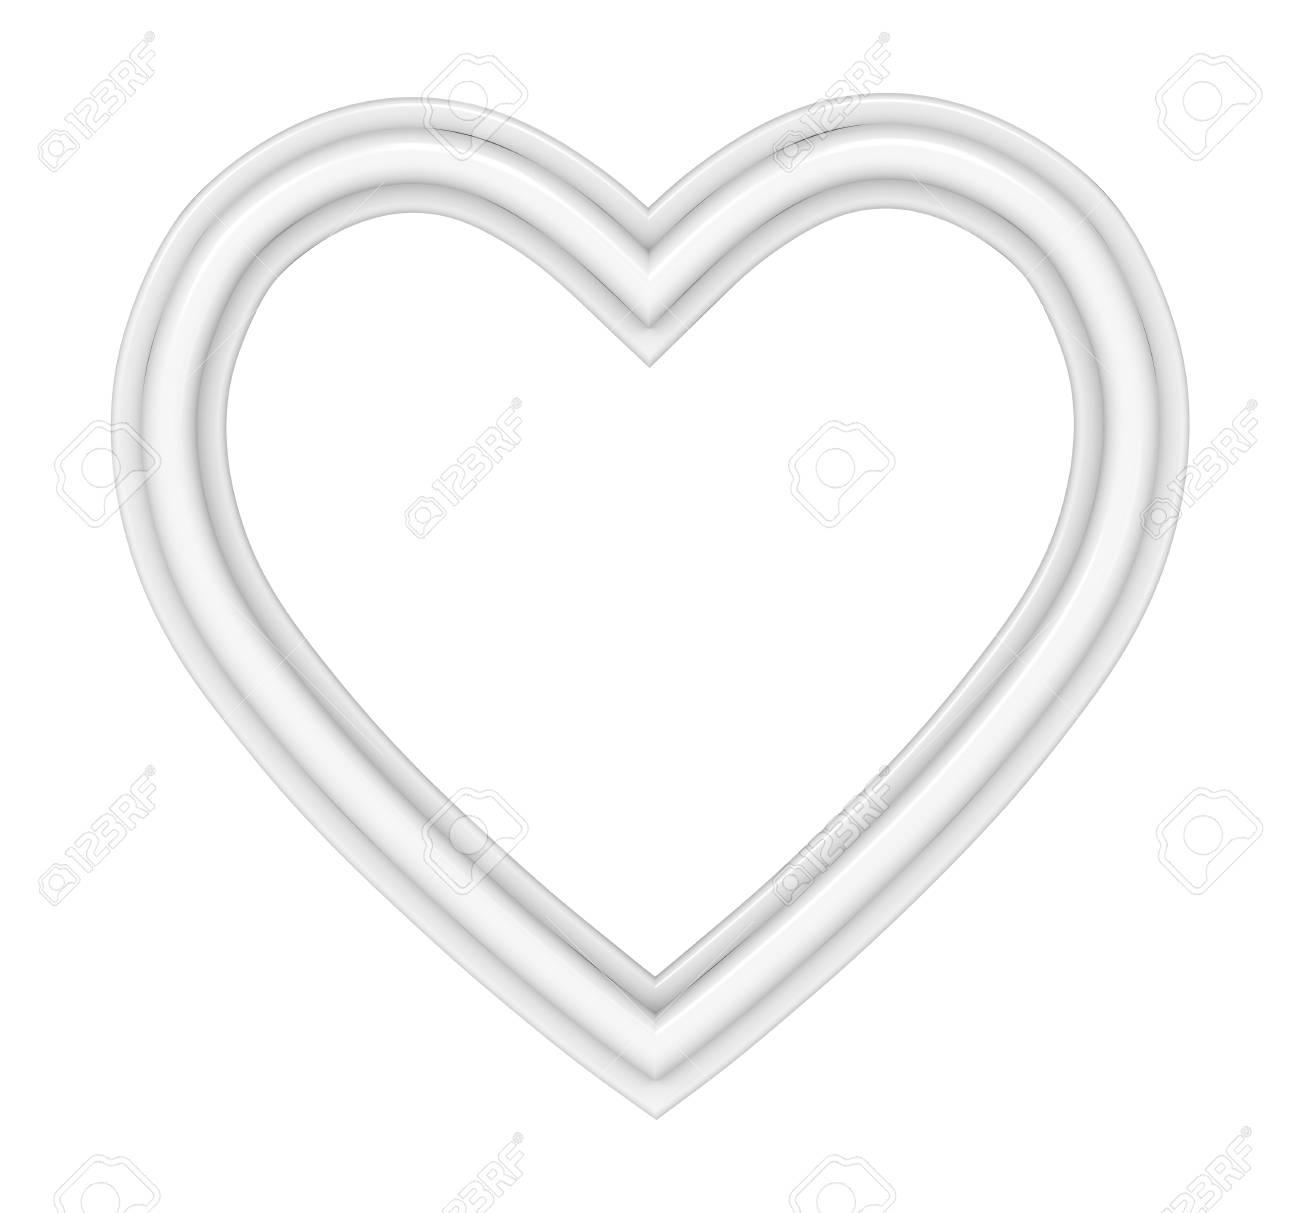 Weißes Herz Bilderrahmen Isoliert Auf Weiß. 3D-Darstellung ...